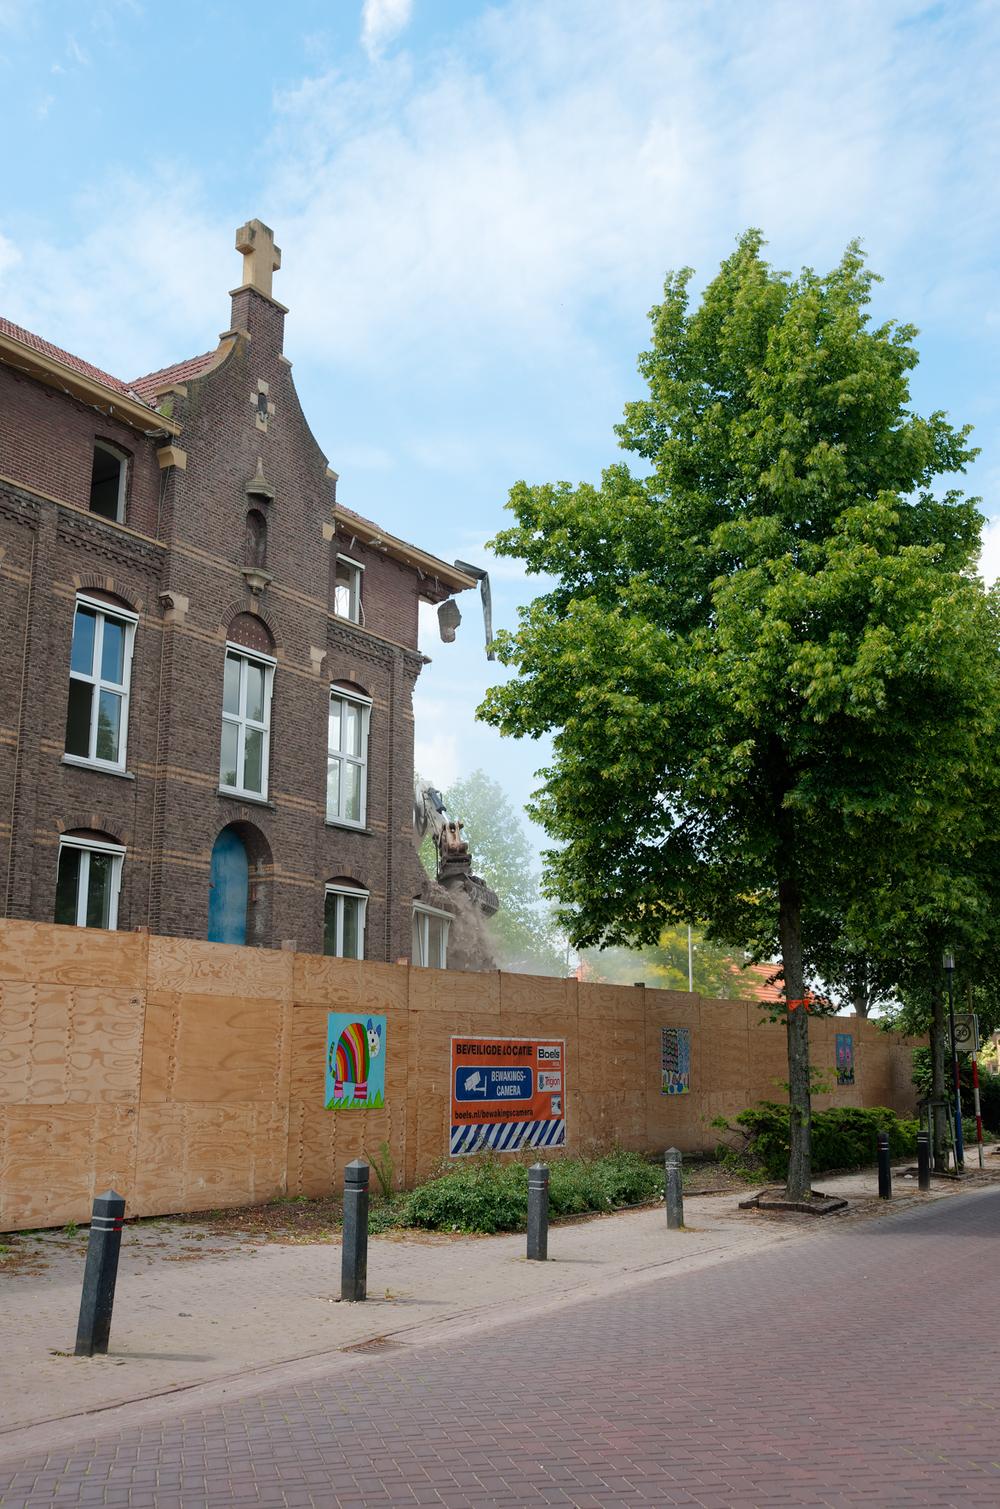 Rector_Driessenstraat-161.jpg